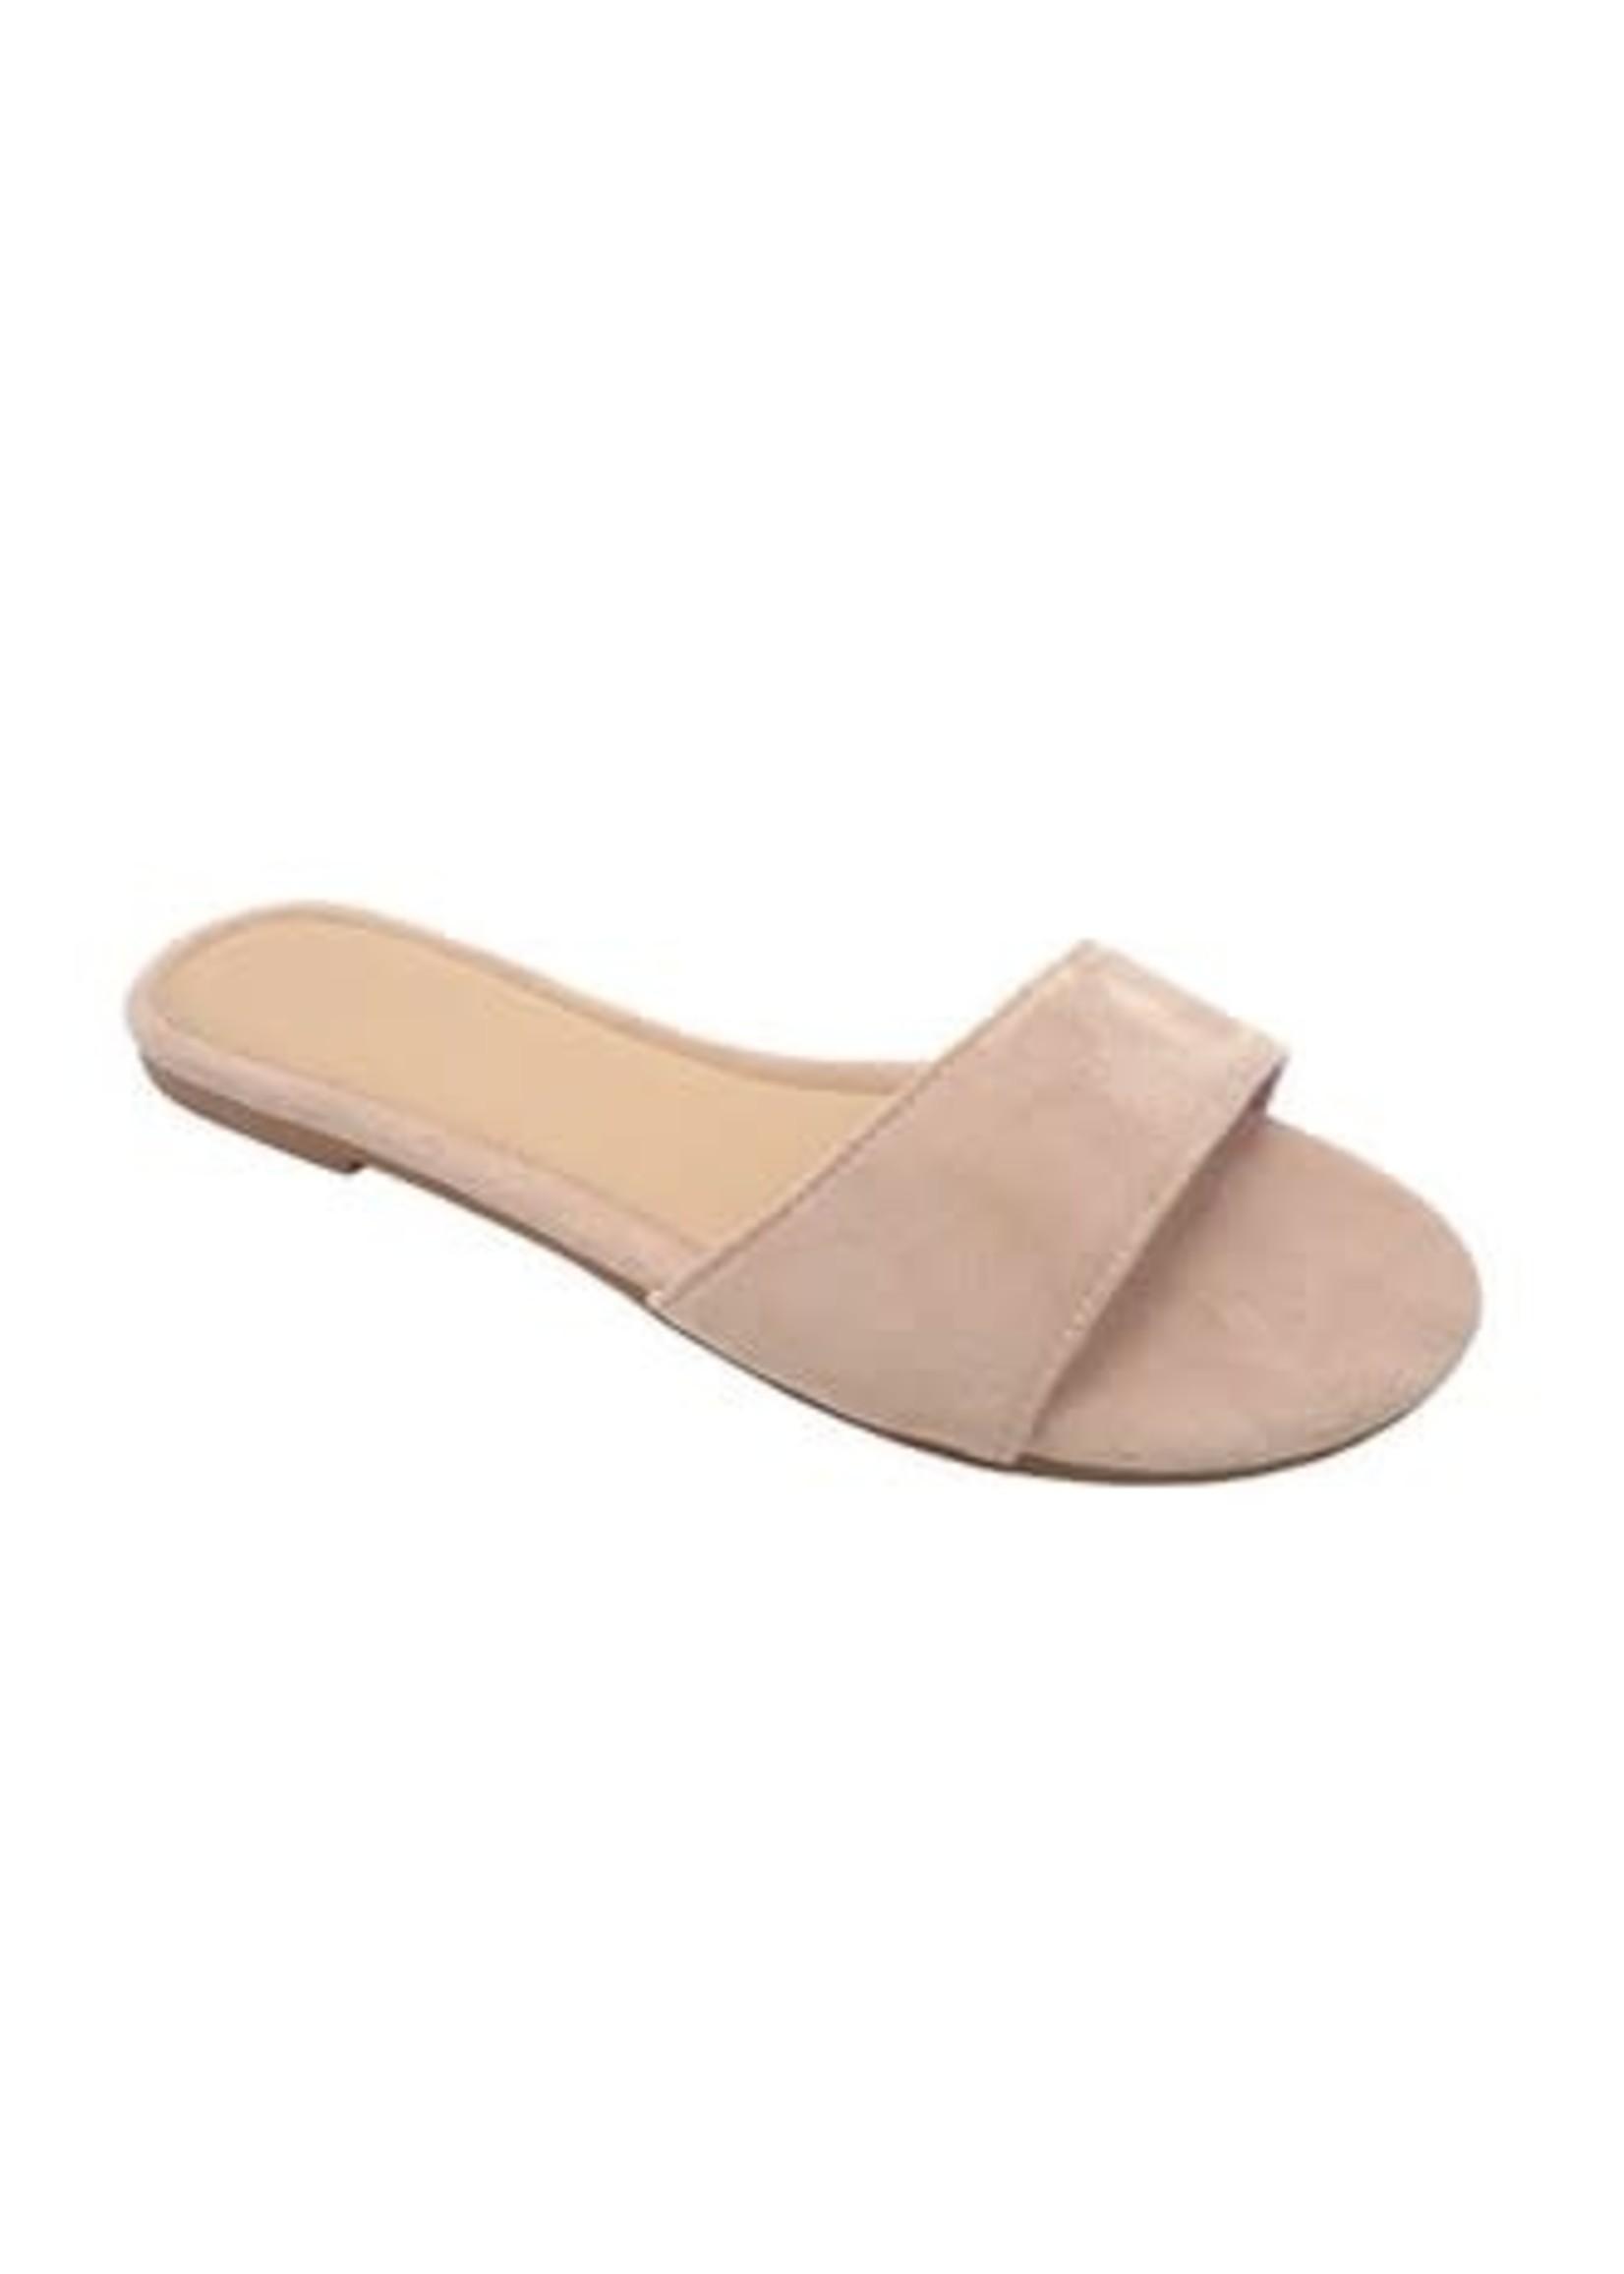 Nude Slip-On Sandals